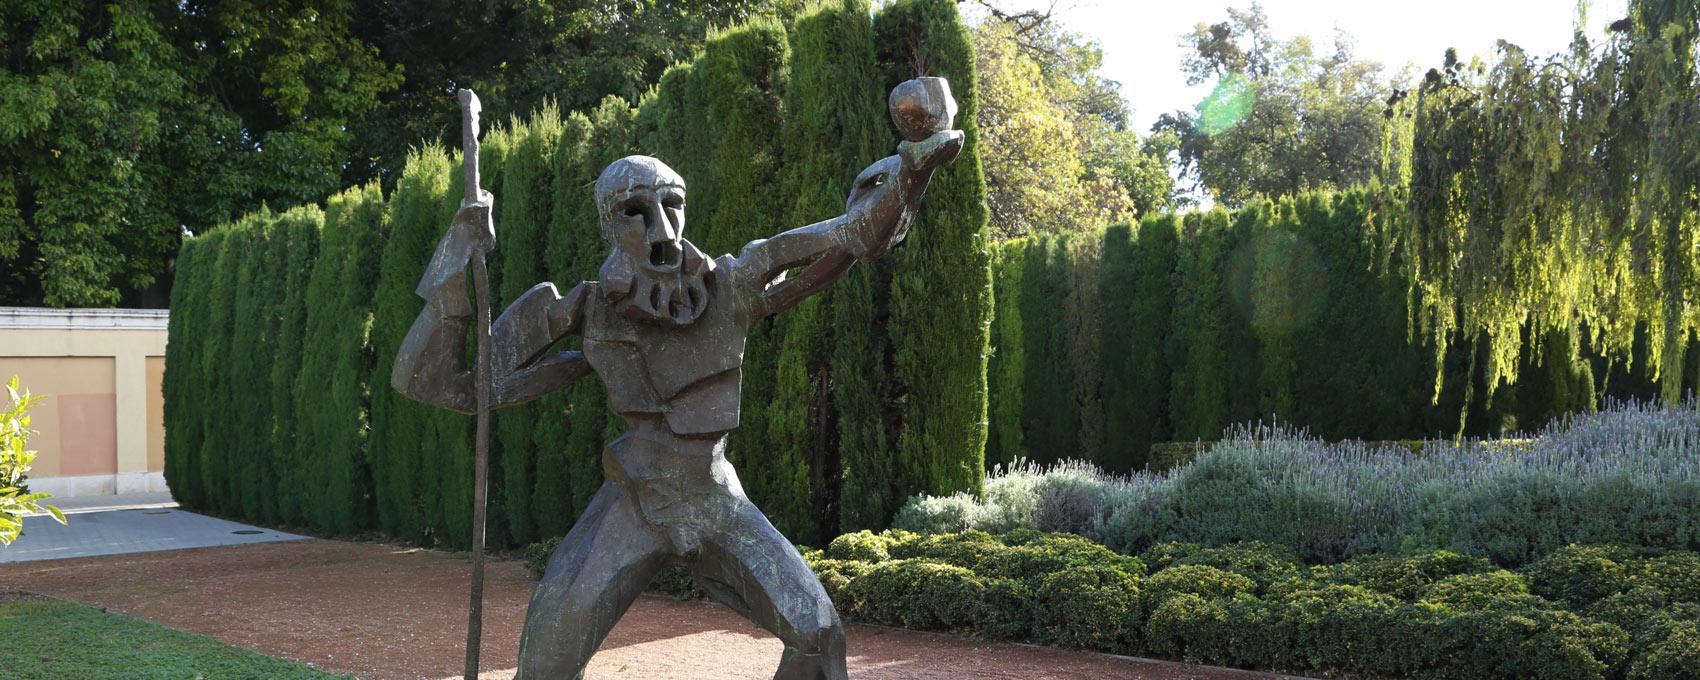 Estatua de bronce obra del escultor húngaro Miklos Pàlfy que representa a Hércules, que debía robar las manzanas de oro del jardín de las Hespérides.